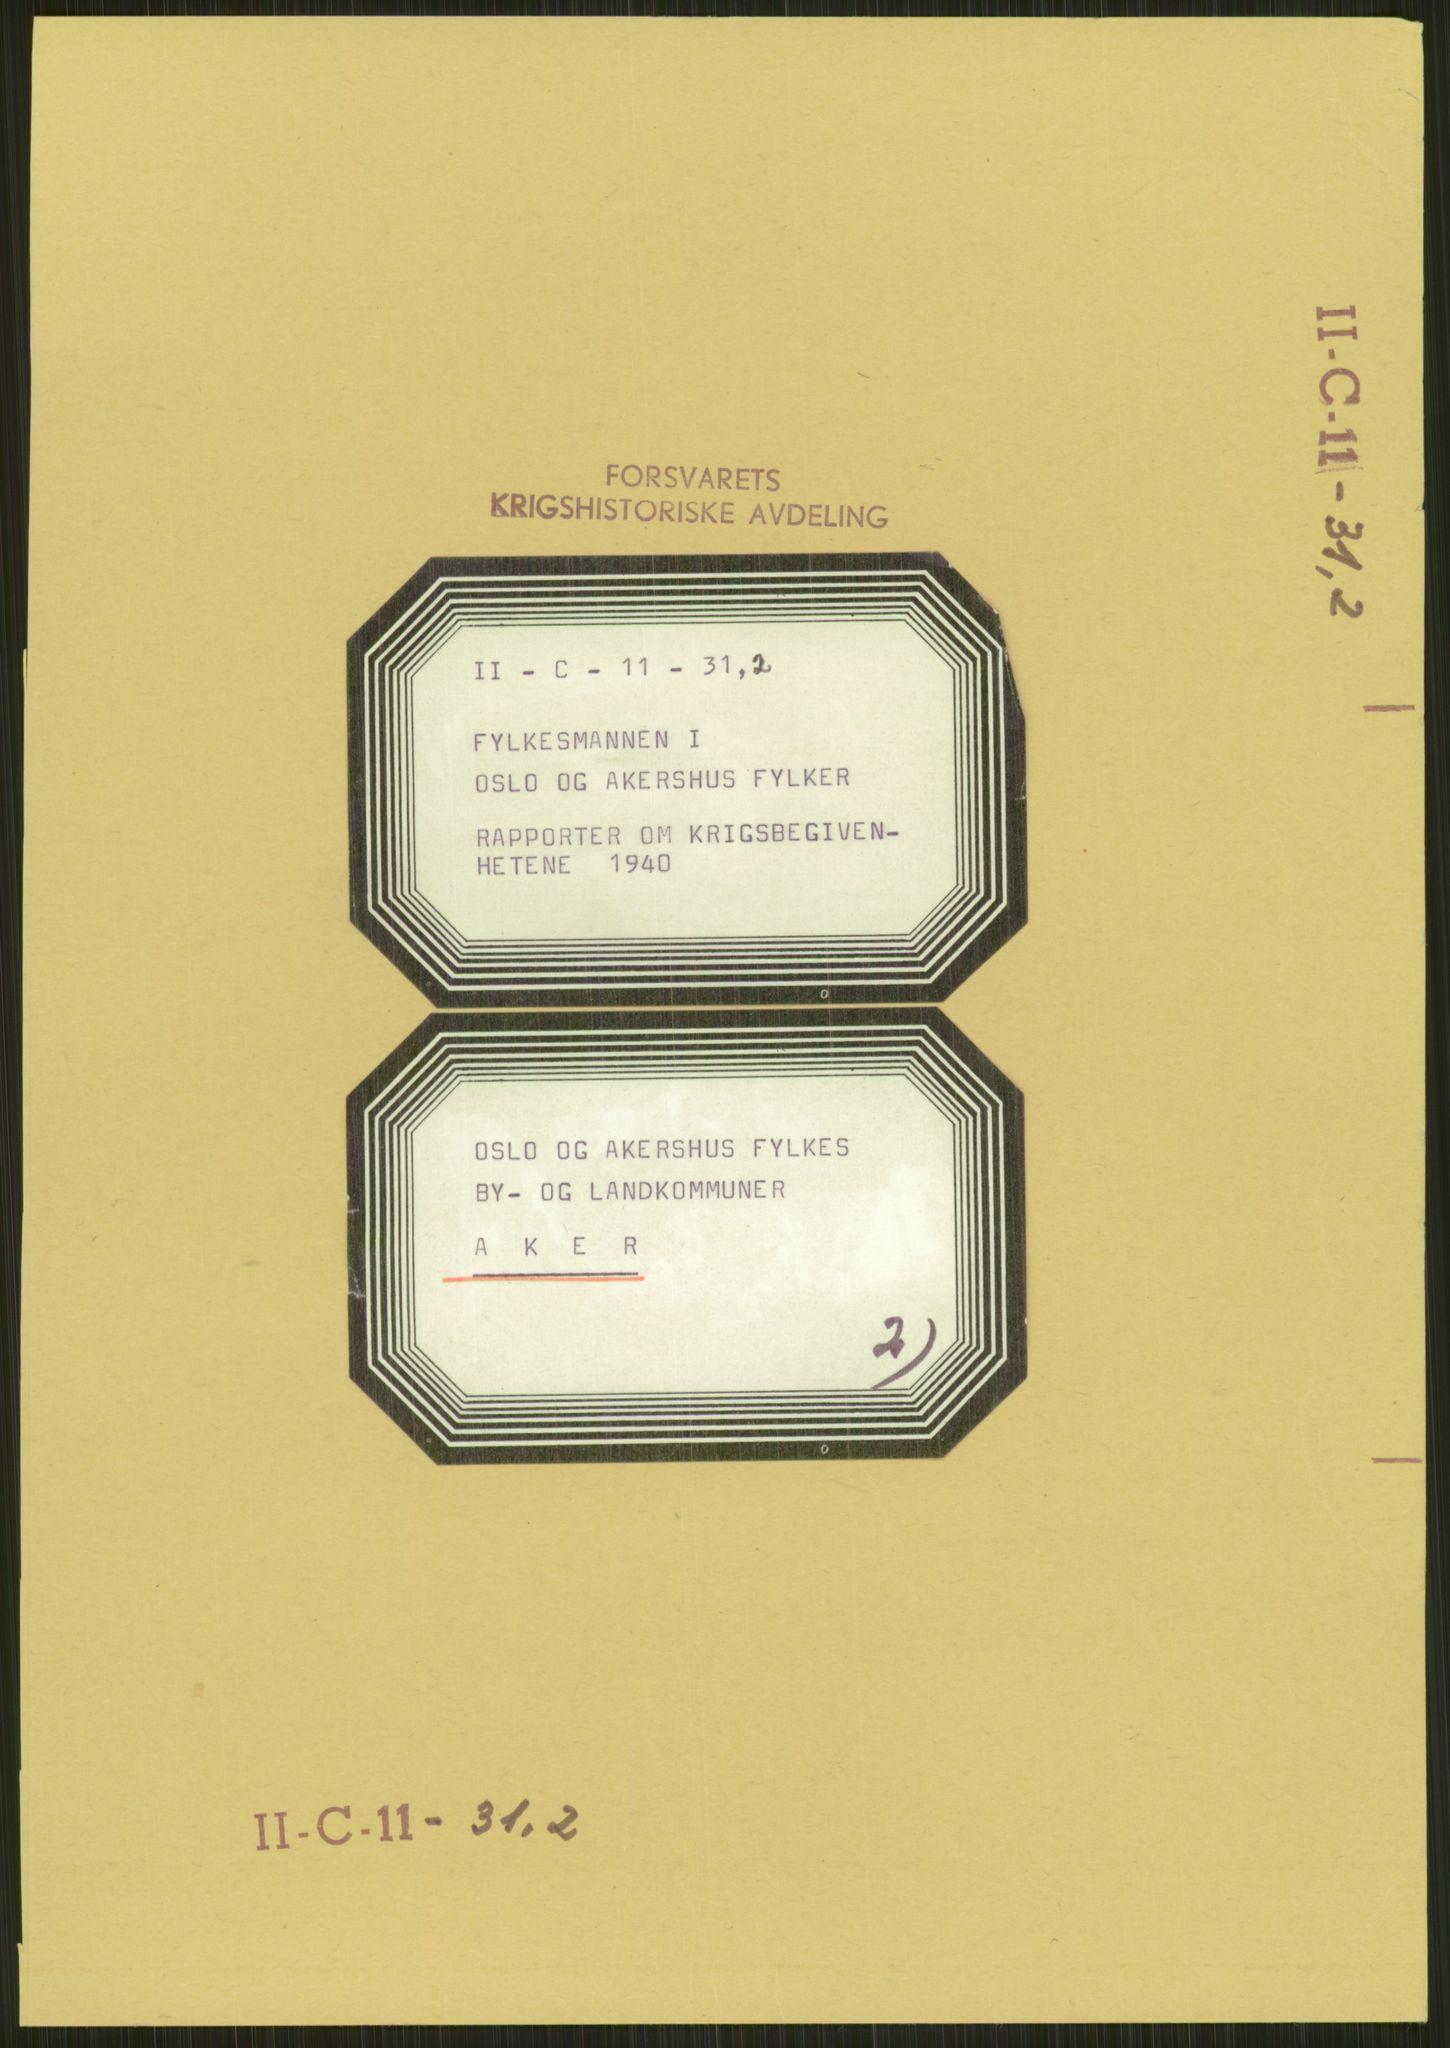 RA, Forsvaret, Forsvarets krigshistoriske avdeling, Y/Ya/L0013: II-C-11-31 - Fylkesmenn.  Rapporter om krigsbegivenhetene 1940., 1940, s. 217